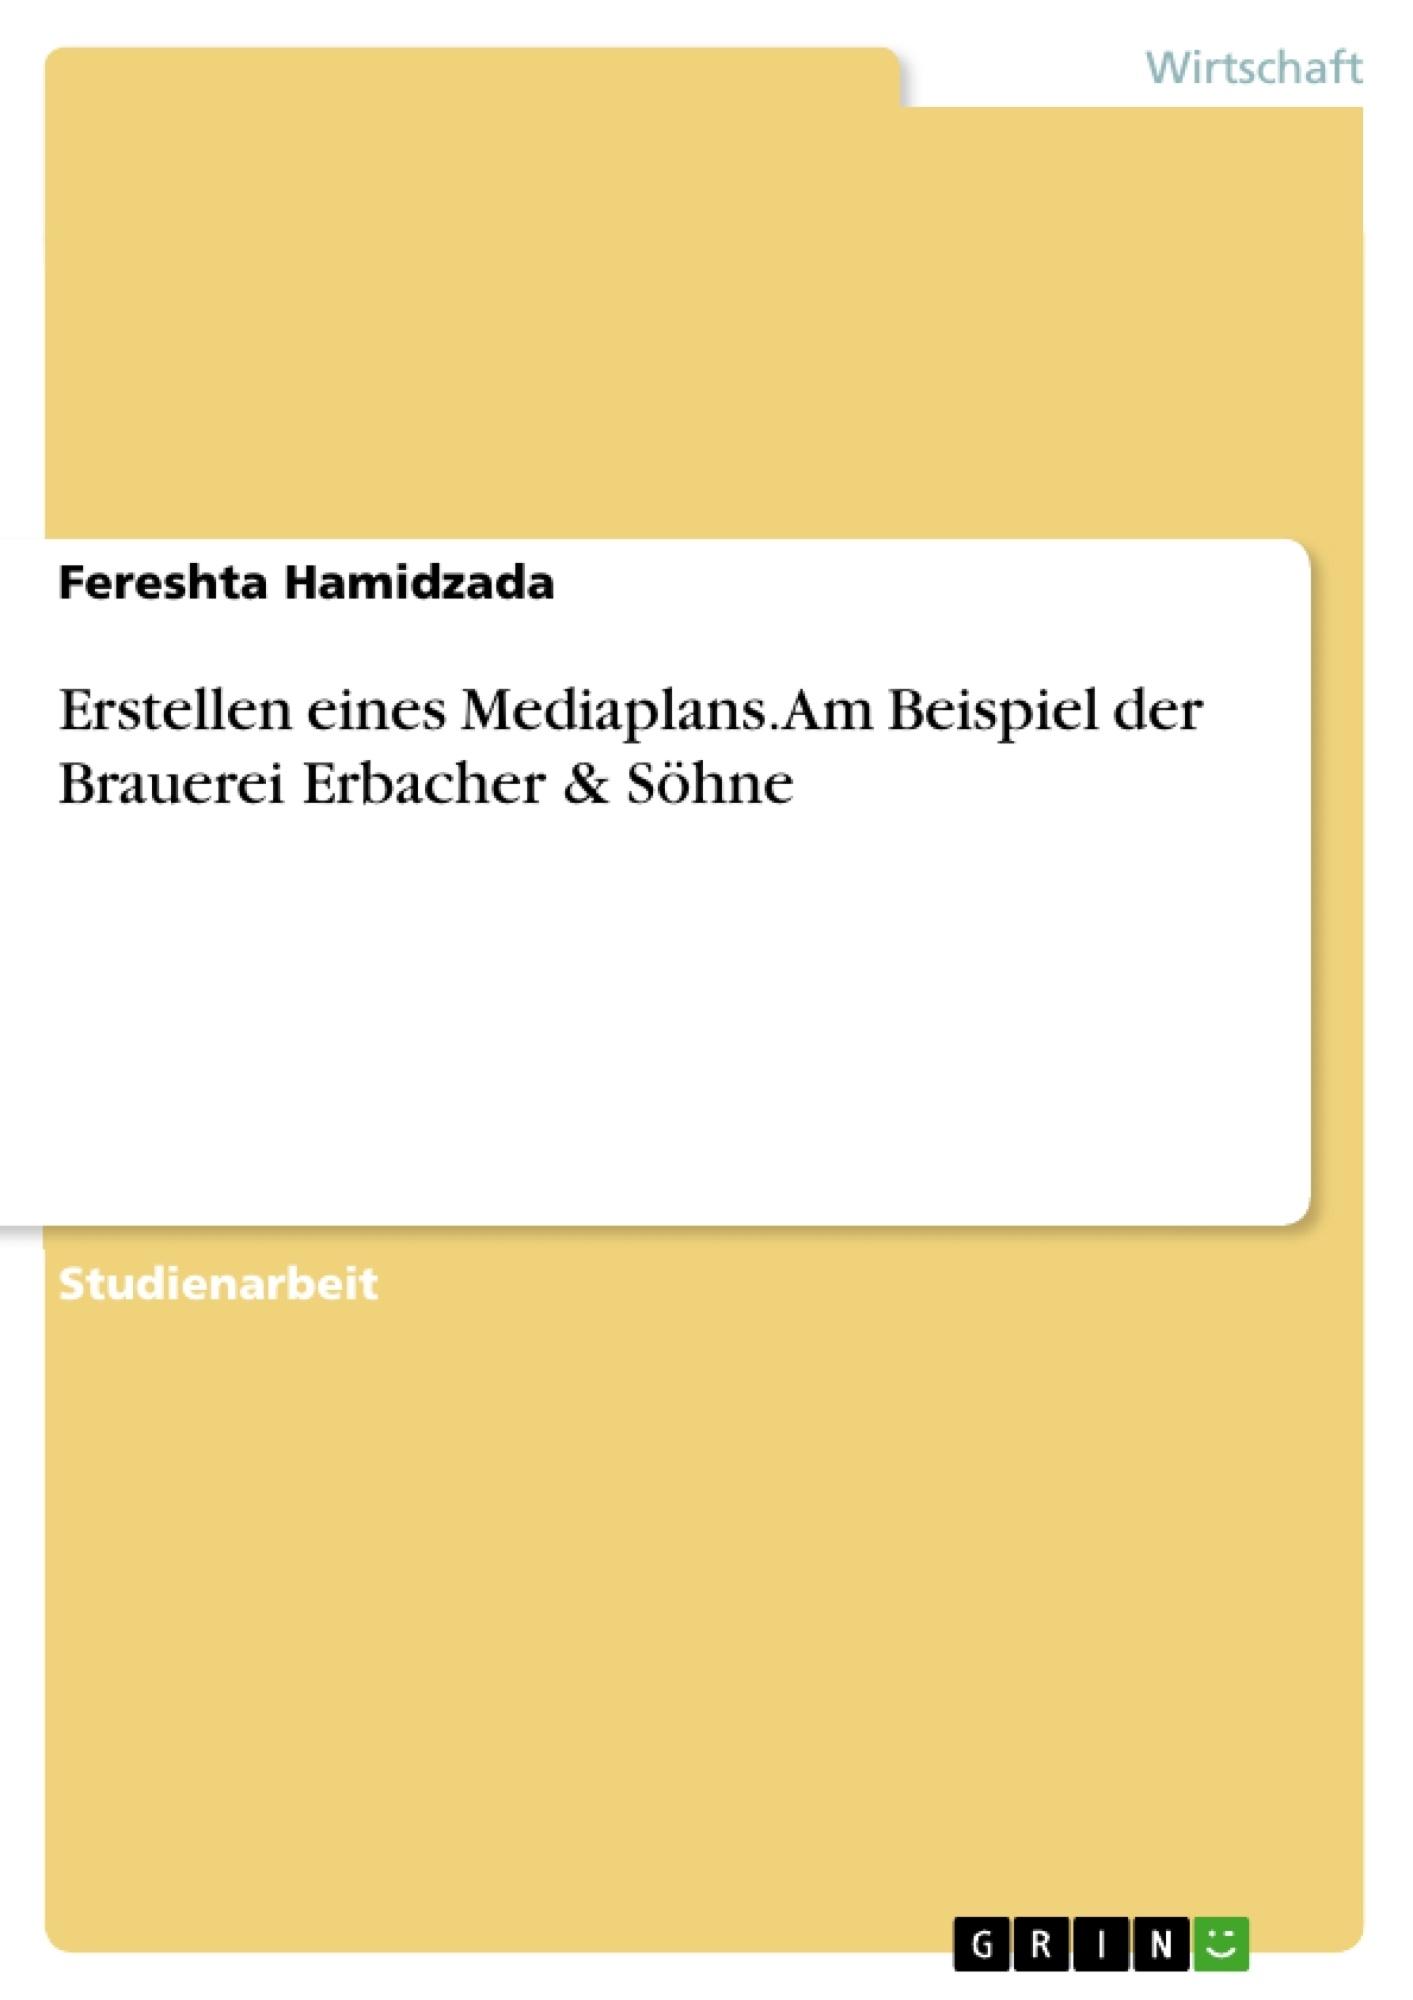 Titel: Erstellen eines Mediaplans. Am Beispiel der Brauerei Erbacher & Söhne